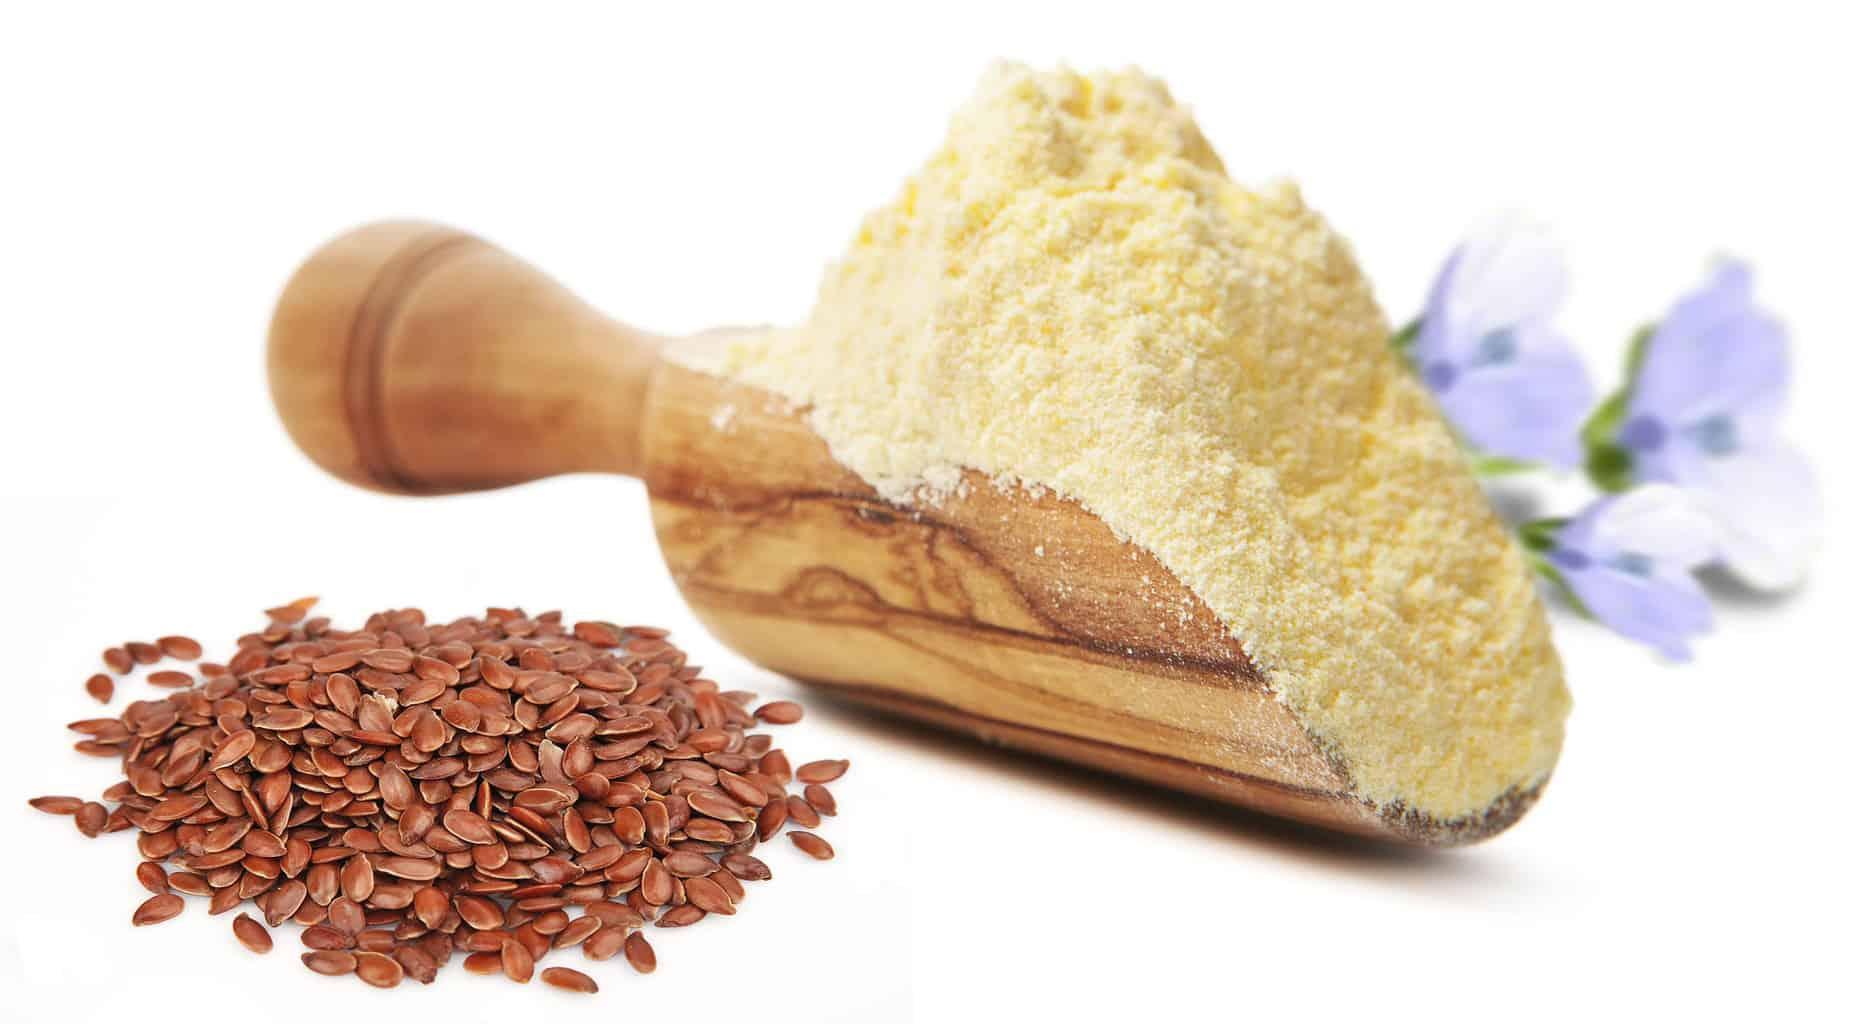 Valorex propose une gamme de farines de lin, réels ingrédients nutritionnels agréés Bleu-Blanc-Cœur